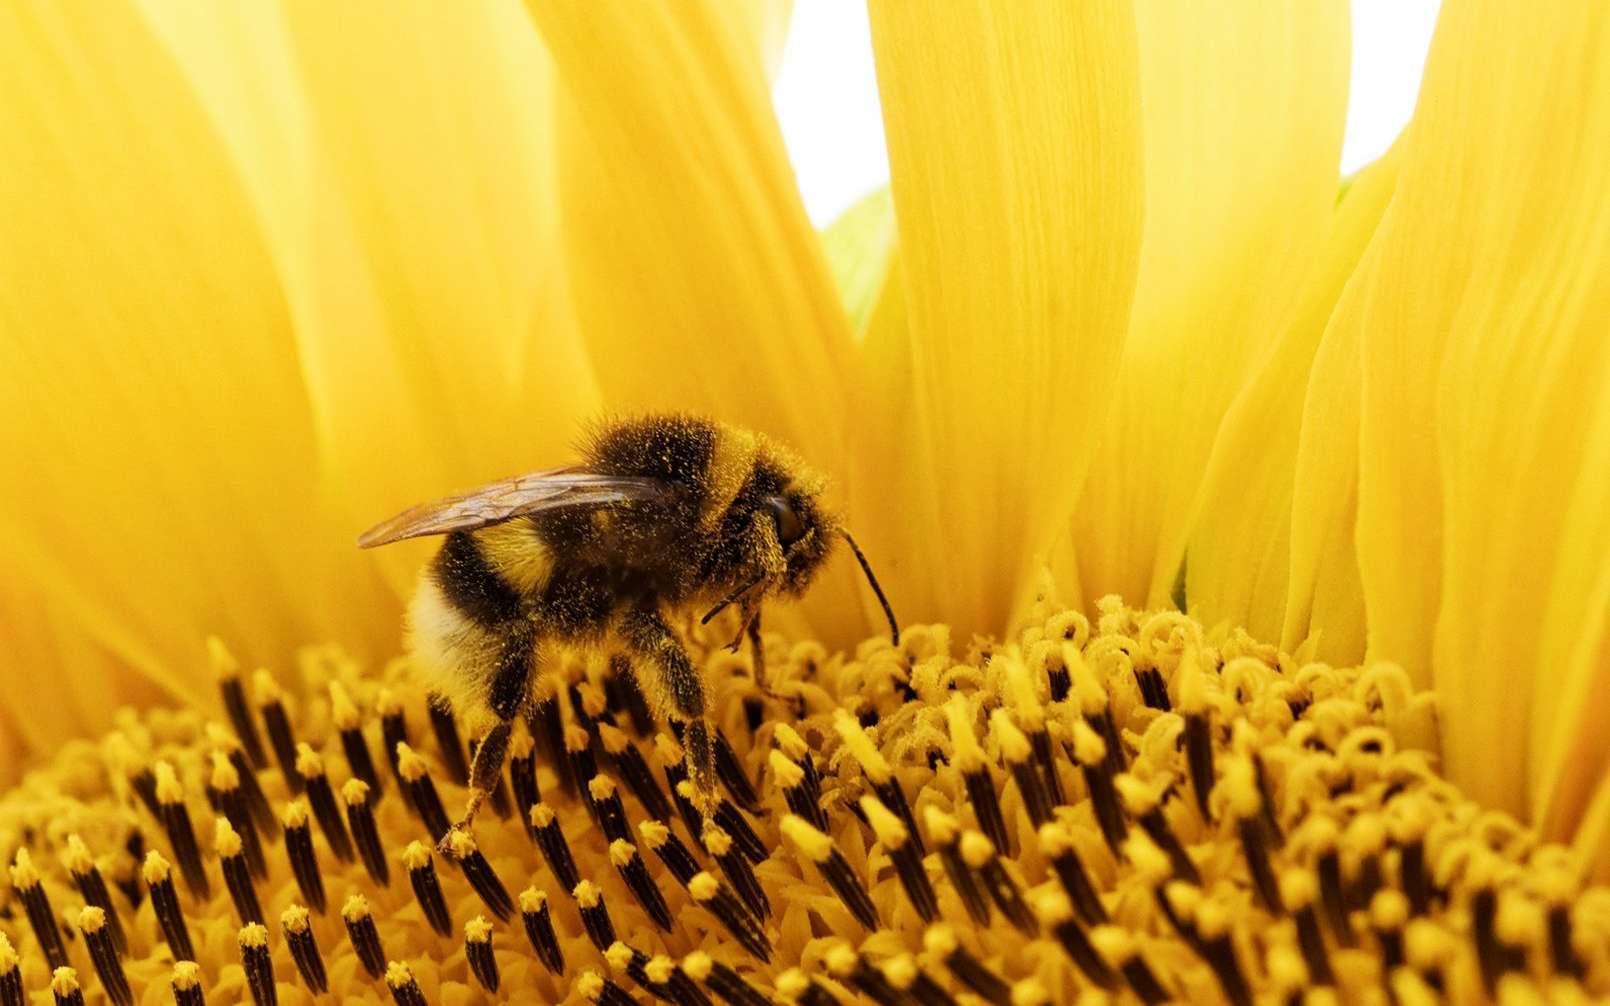 Les bourdons souffriraient d'effet non létaux des insecticides qui pourraient remplacer les néonicotinoïdes. © Trzmiel na słoneczniku